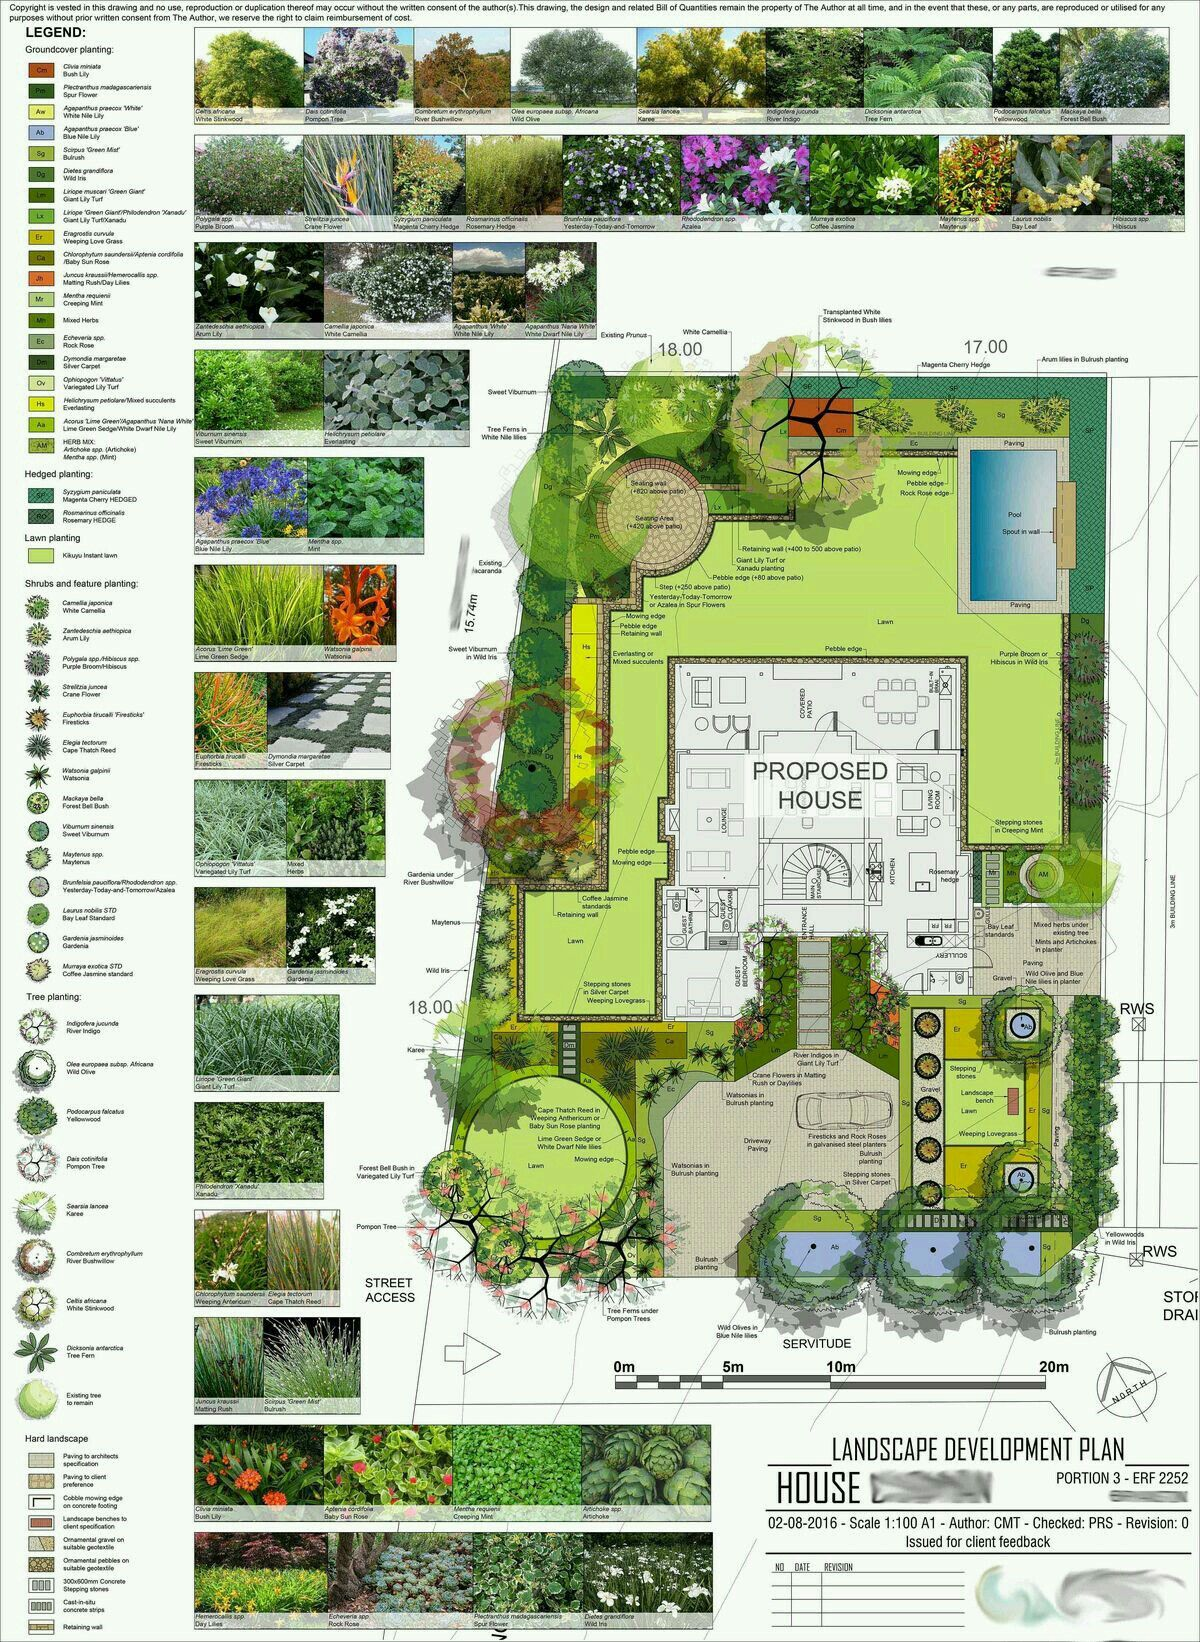 조경에 있는 영숙 조님의 핀 조경 도면 작은 정원 디자인 정원 가꾸기